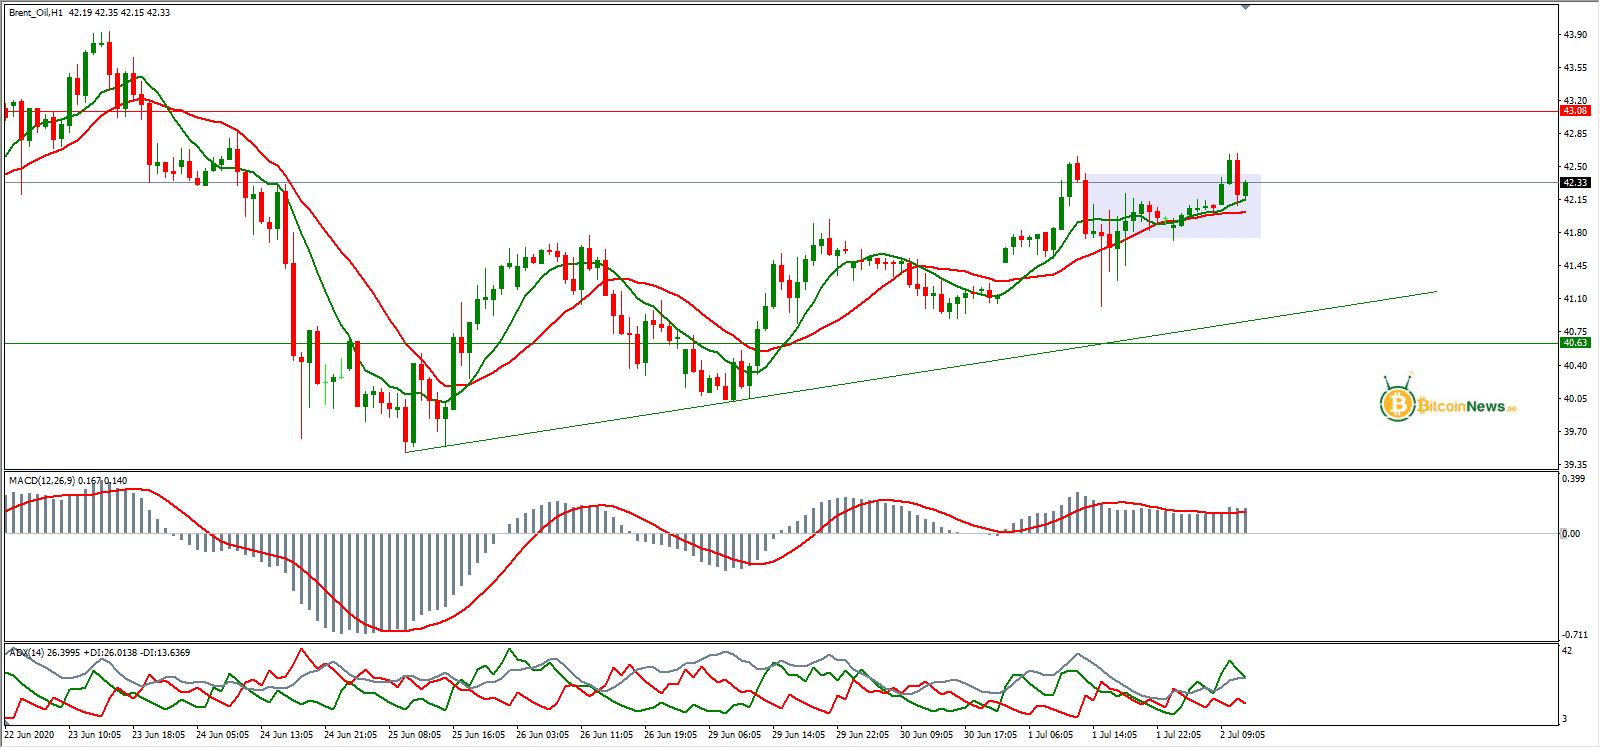 سعر النفط الخام برنت اليوم تحليل 02 يوليو | تحليل النفط ...